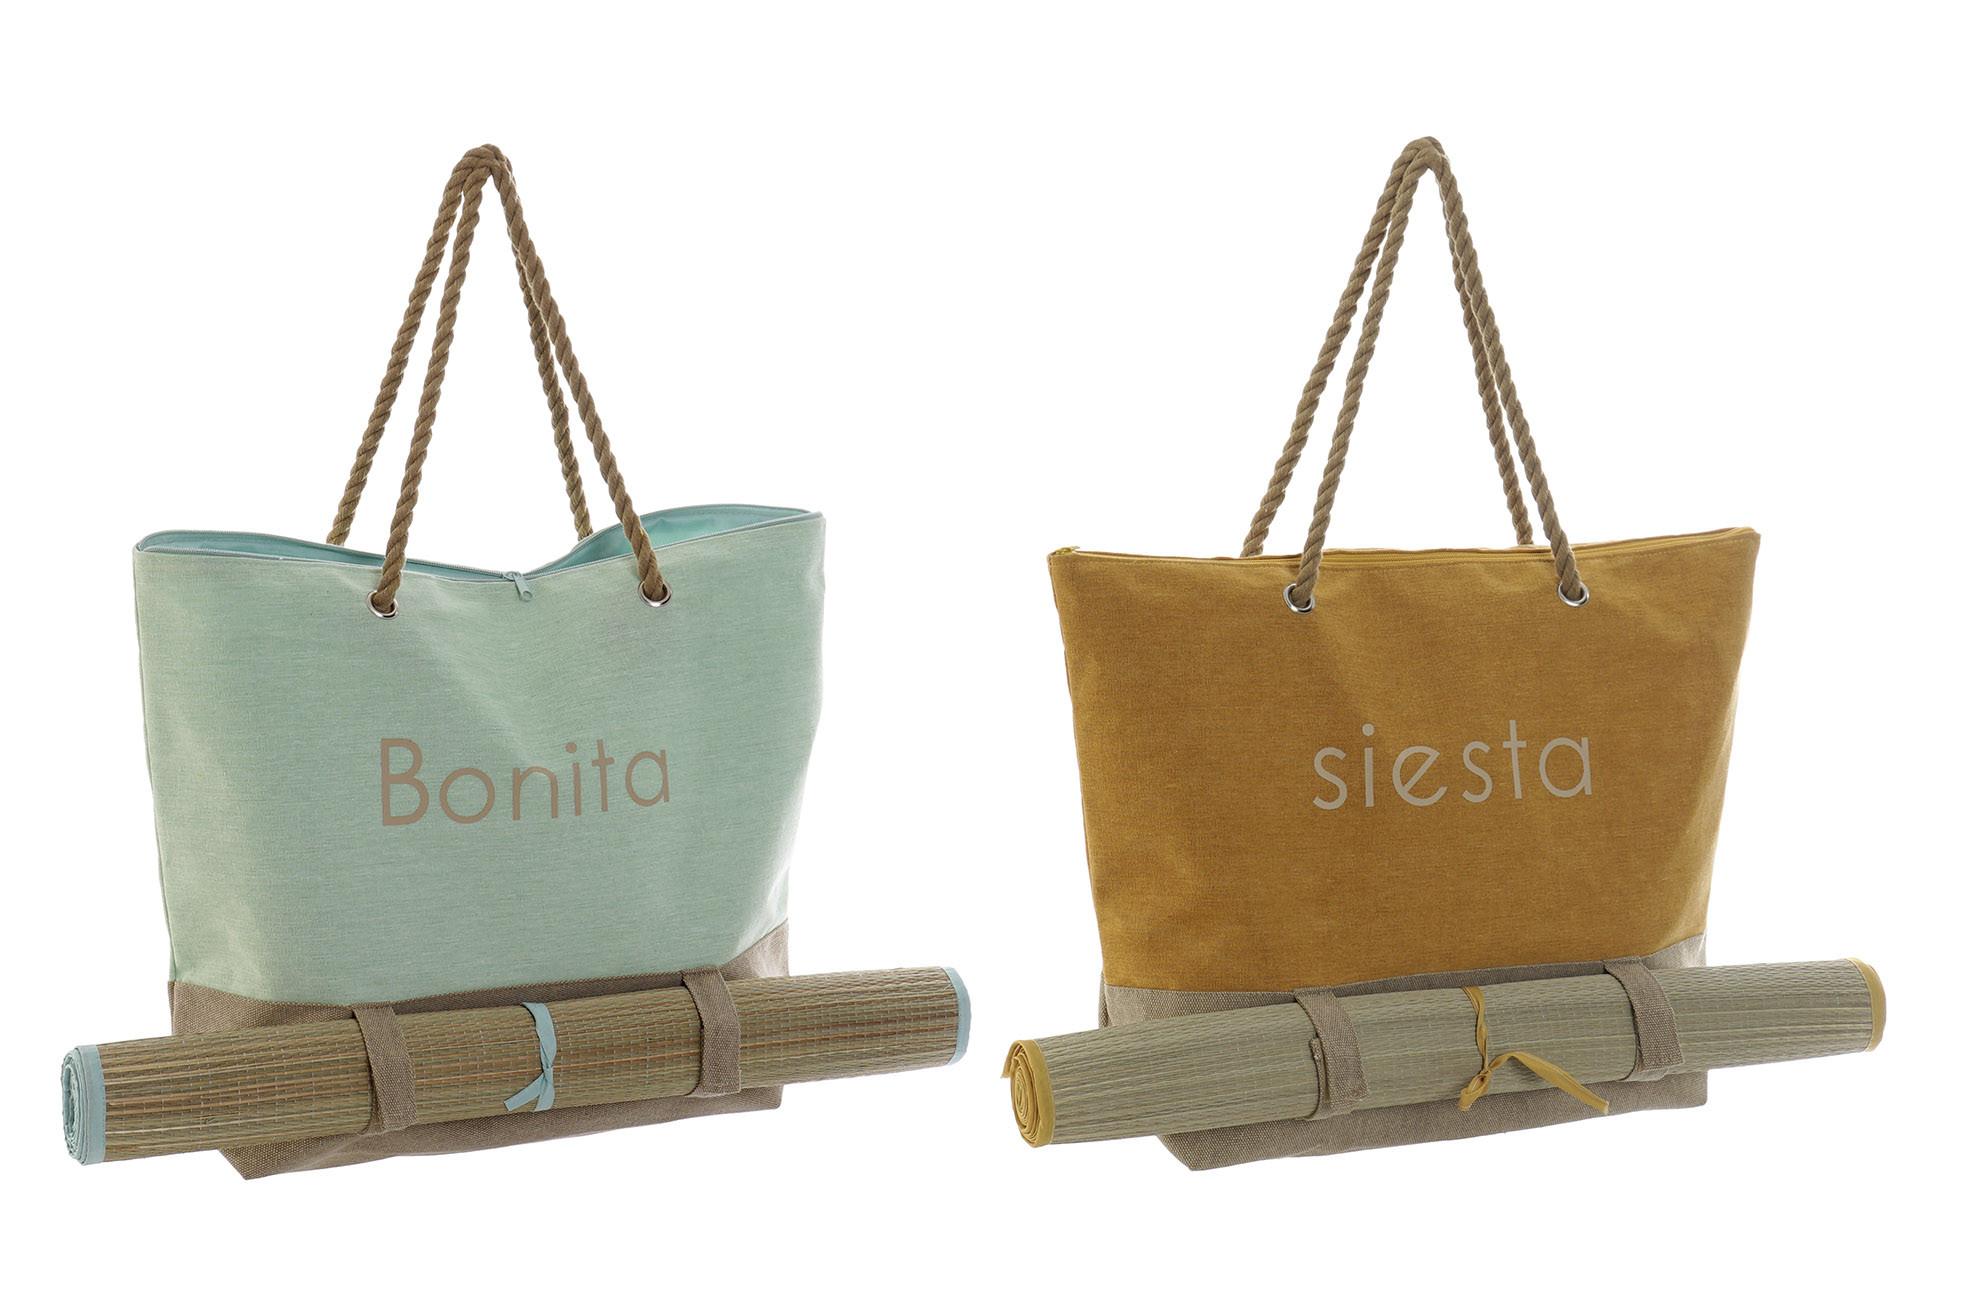 Bolso Mujer con Esterilla de Lienzo y Algodón, Bolsa de almacenaje de gran capacidad 60x16x39 cm